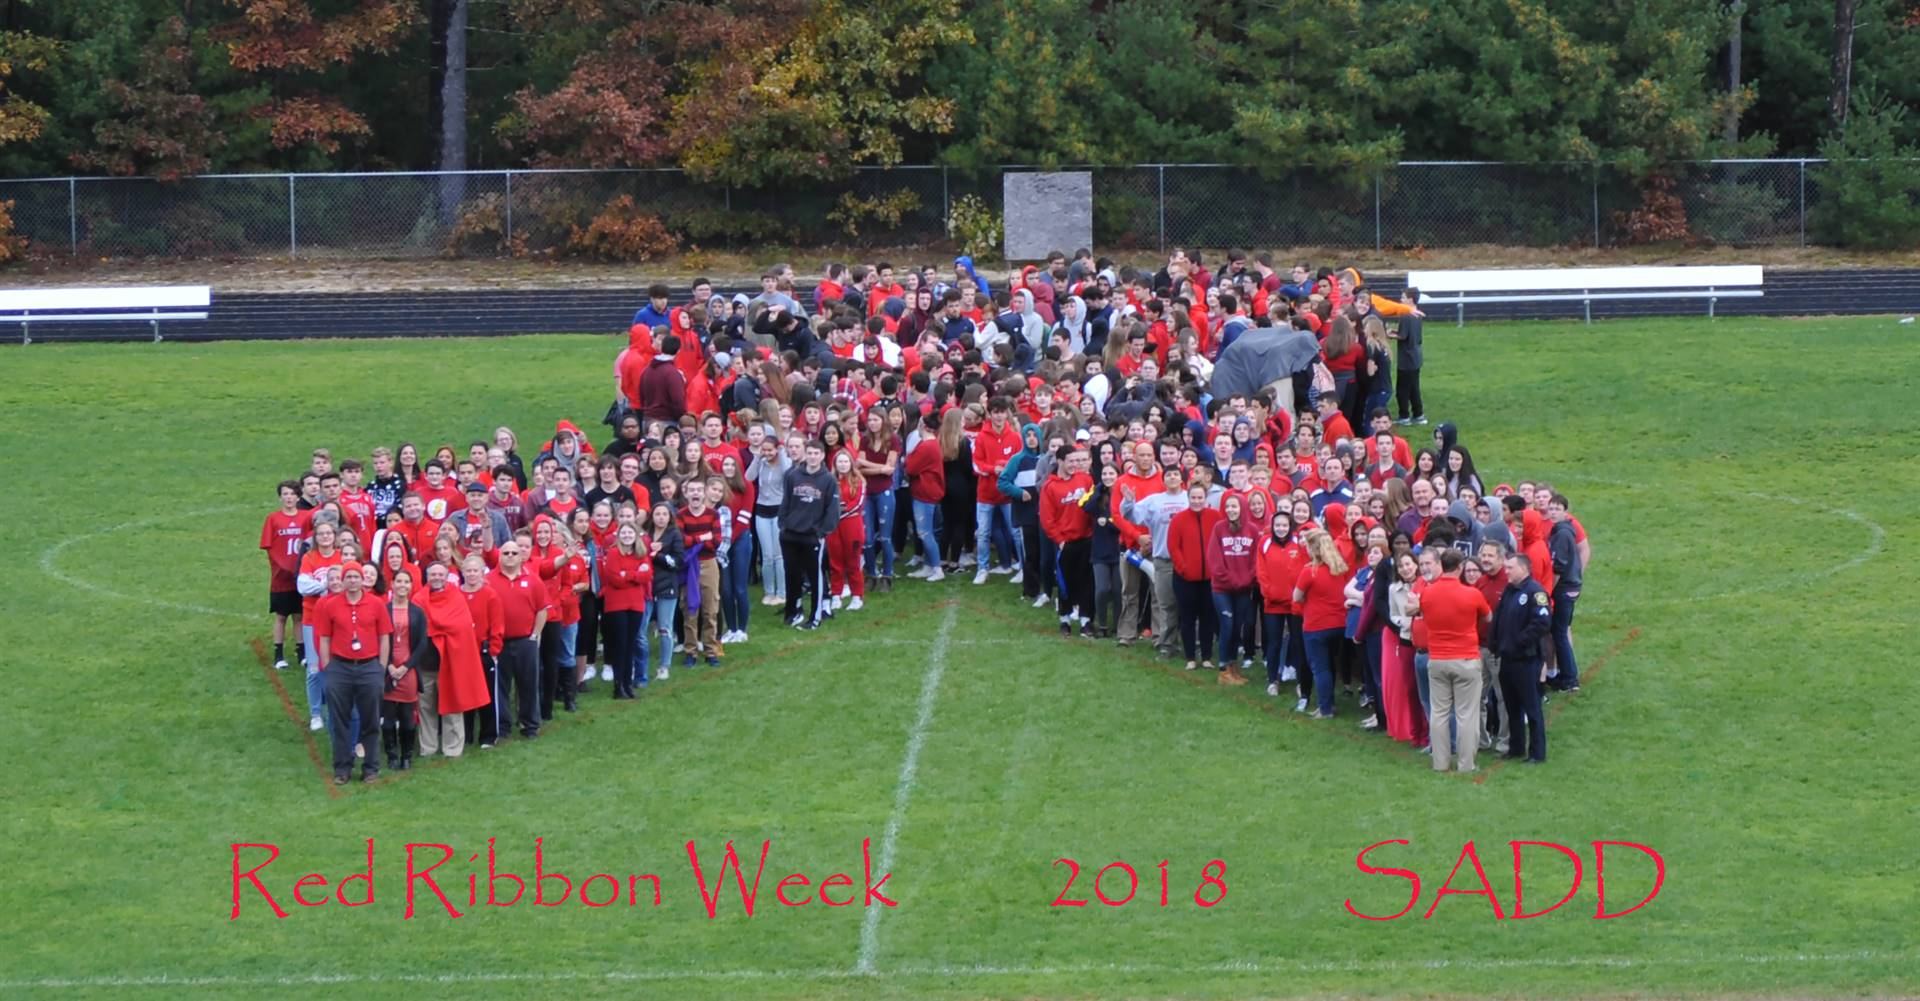 Red Ribbon Week 2018